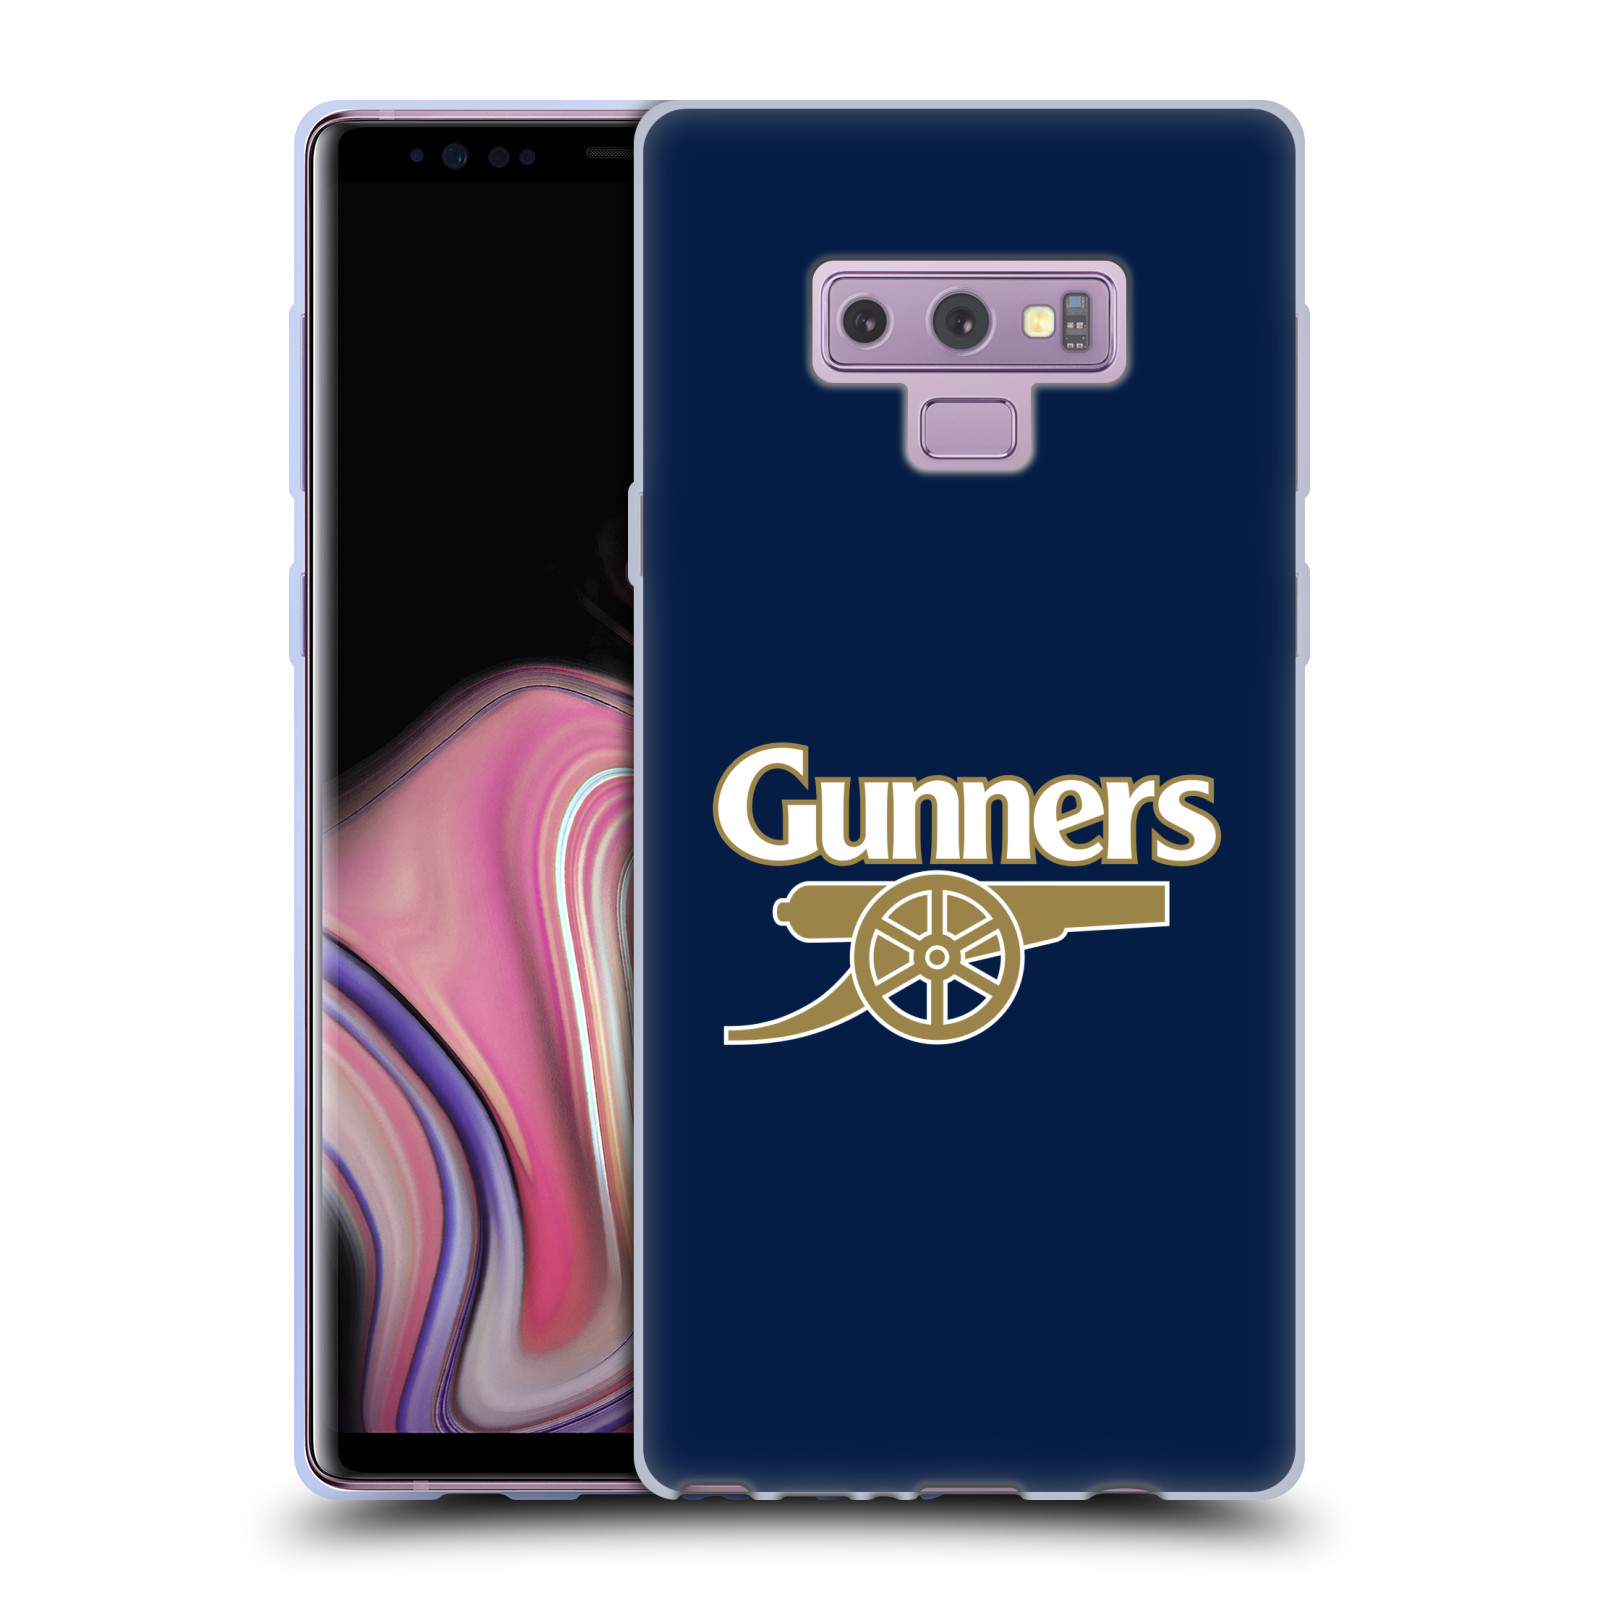 Silikonové pouzdro na mobil Samsung Galaxy Note 9 - Head Case - Arsenal FC - Gunners